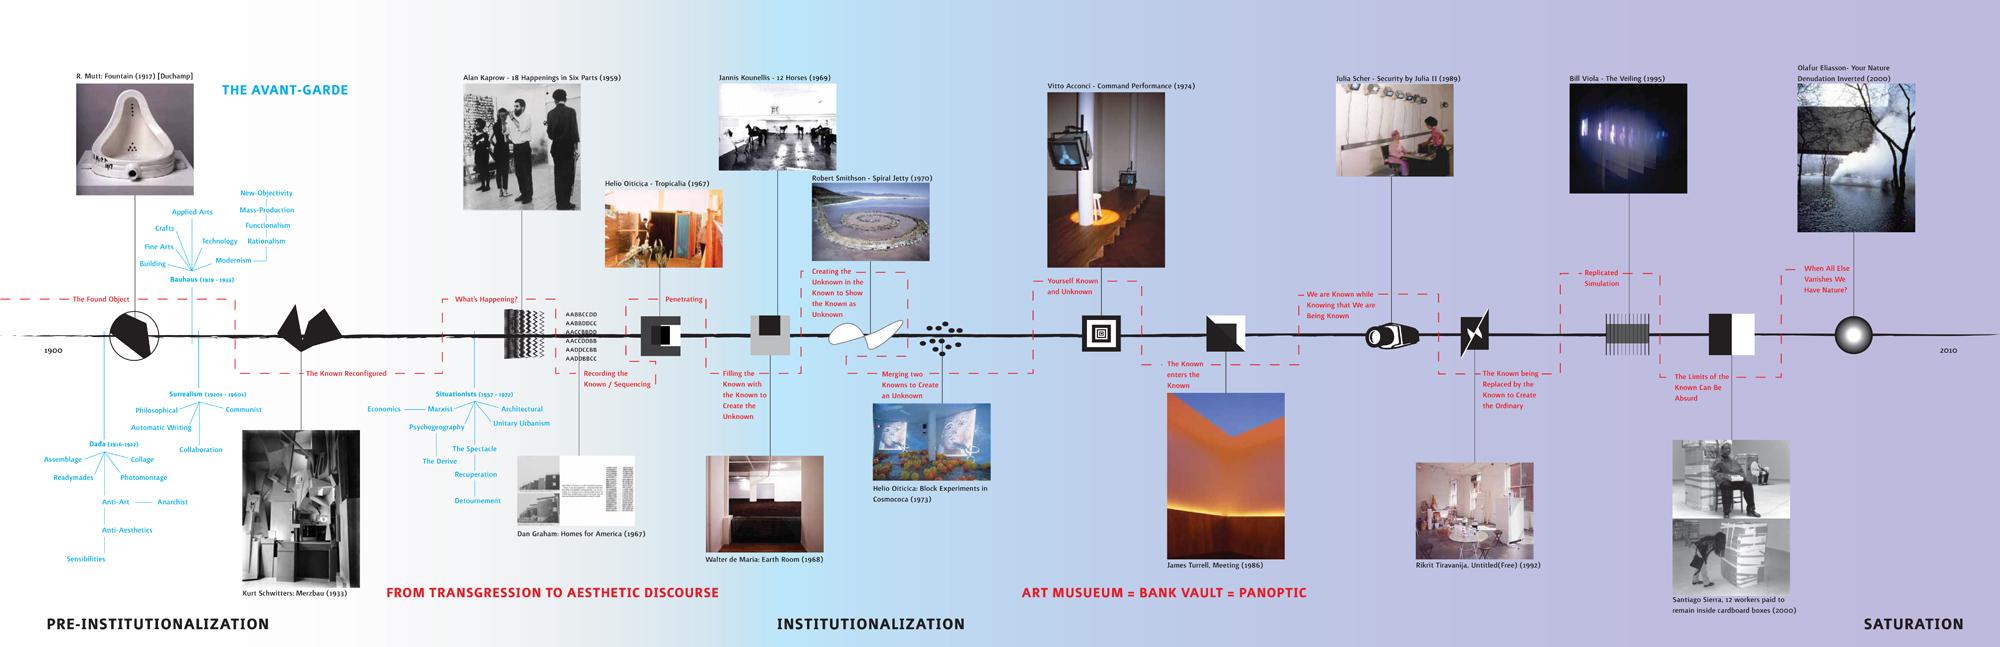 installation history_long1-1.jpg